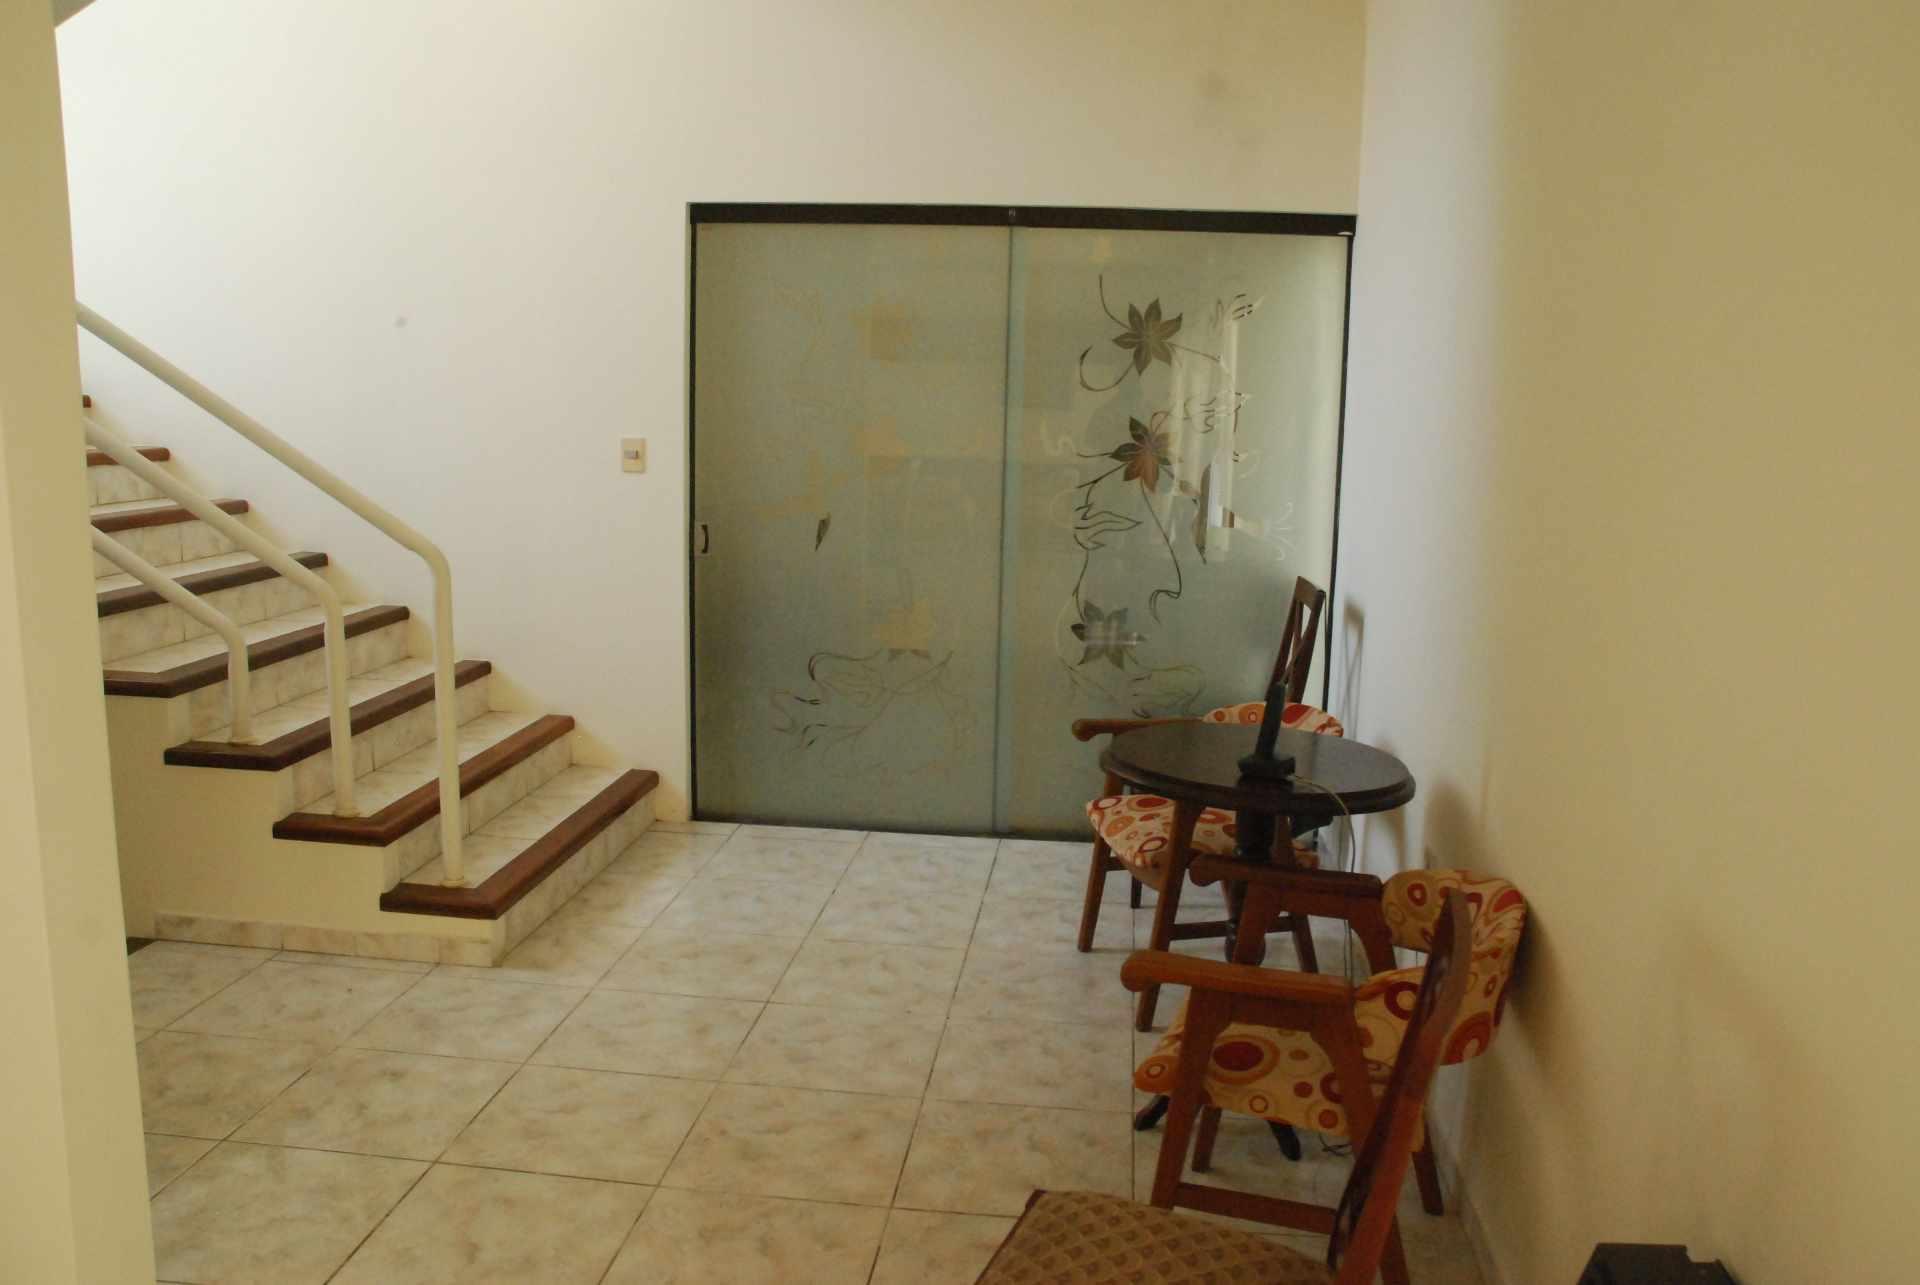 Casa en Alquiler Condominio Barrio Norte , al lado del Mall Las Brisas, 4to anillo Avenida Banzer. Foto 12